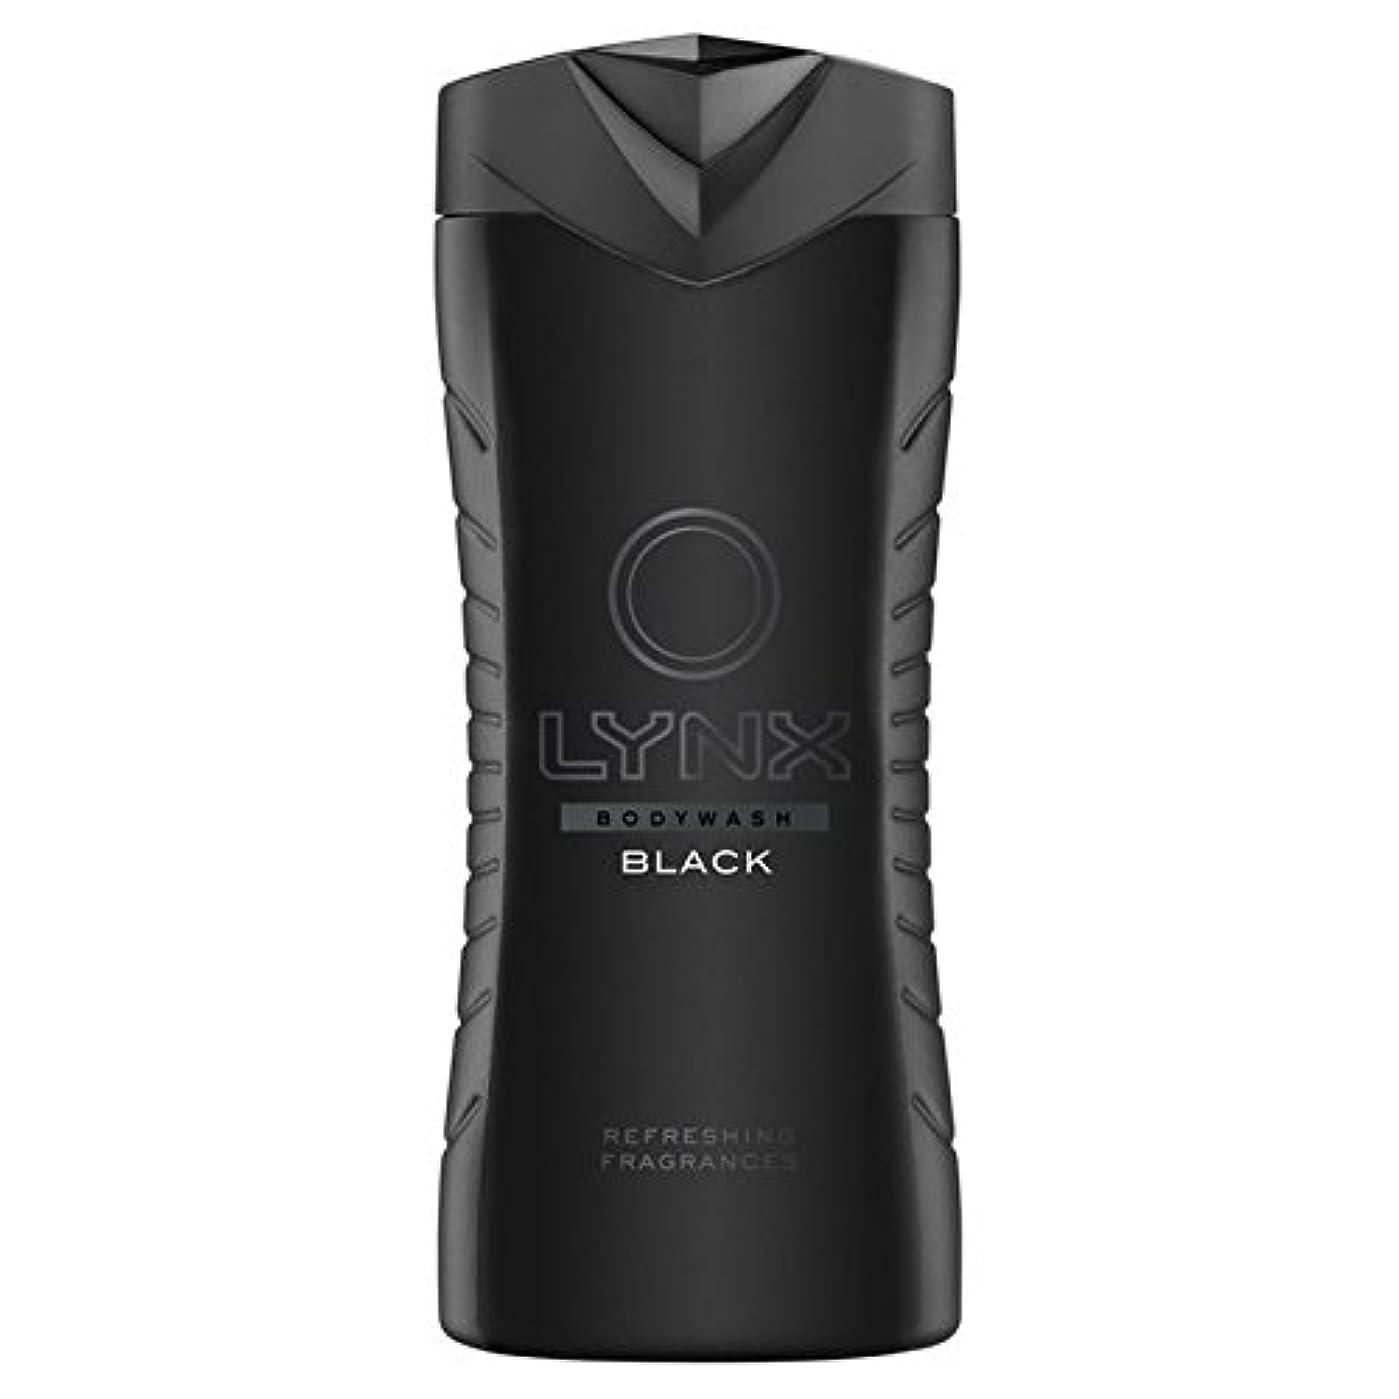 形式生理本物のLynx Black Shower Gel 400ml - オオヤマネコブラックシャワージェル400ミリリットル [並行輸入品]